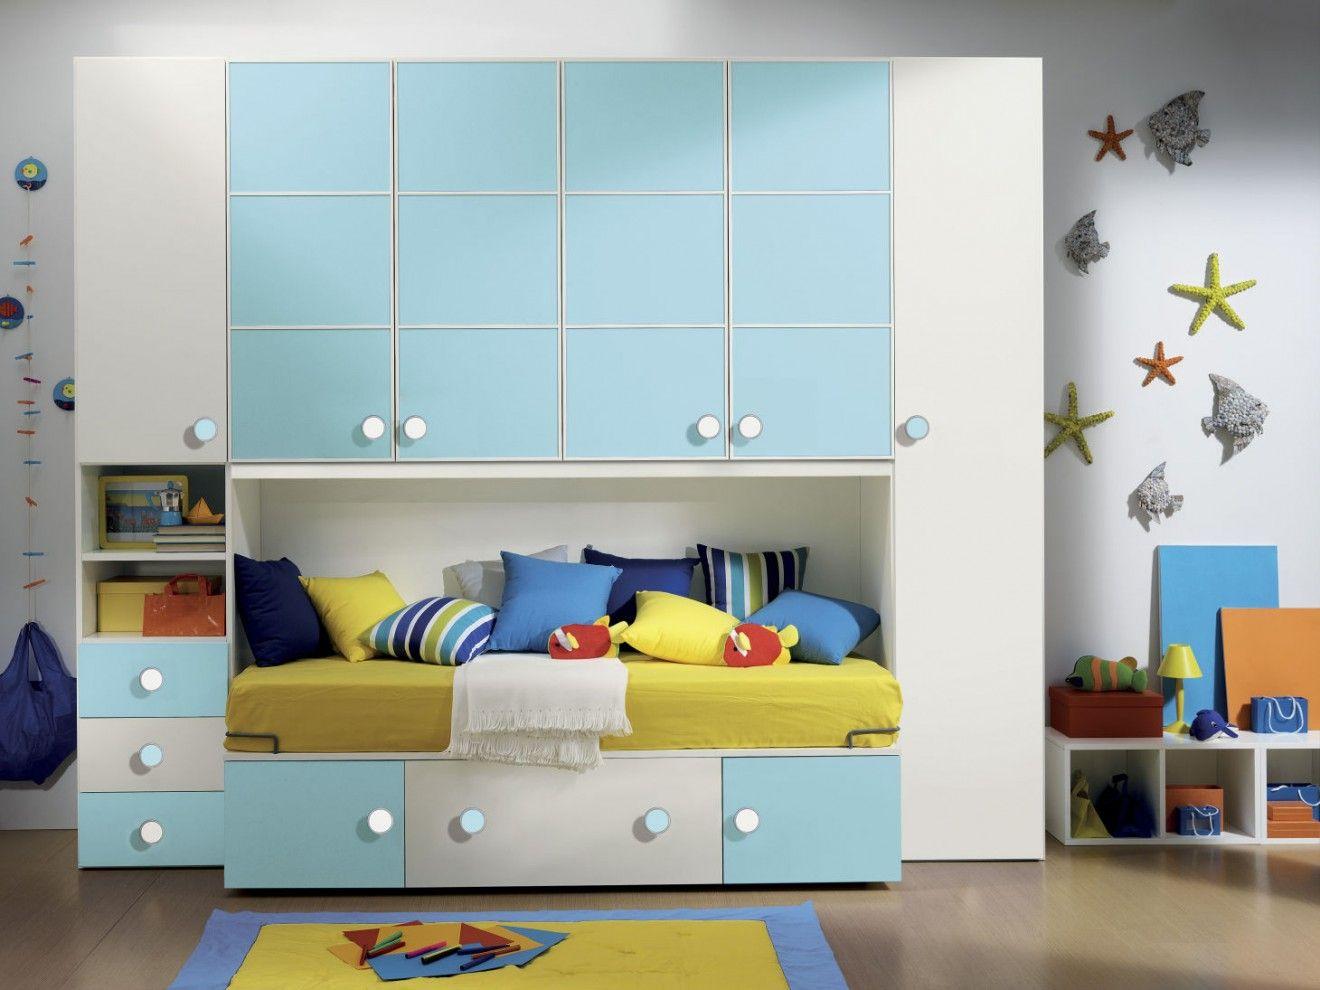 Design Camerette ~ 26 best camere a ponte images on pinterest kid bedrooms kid